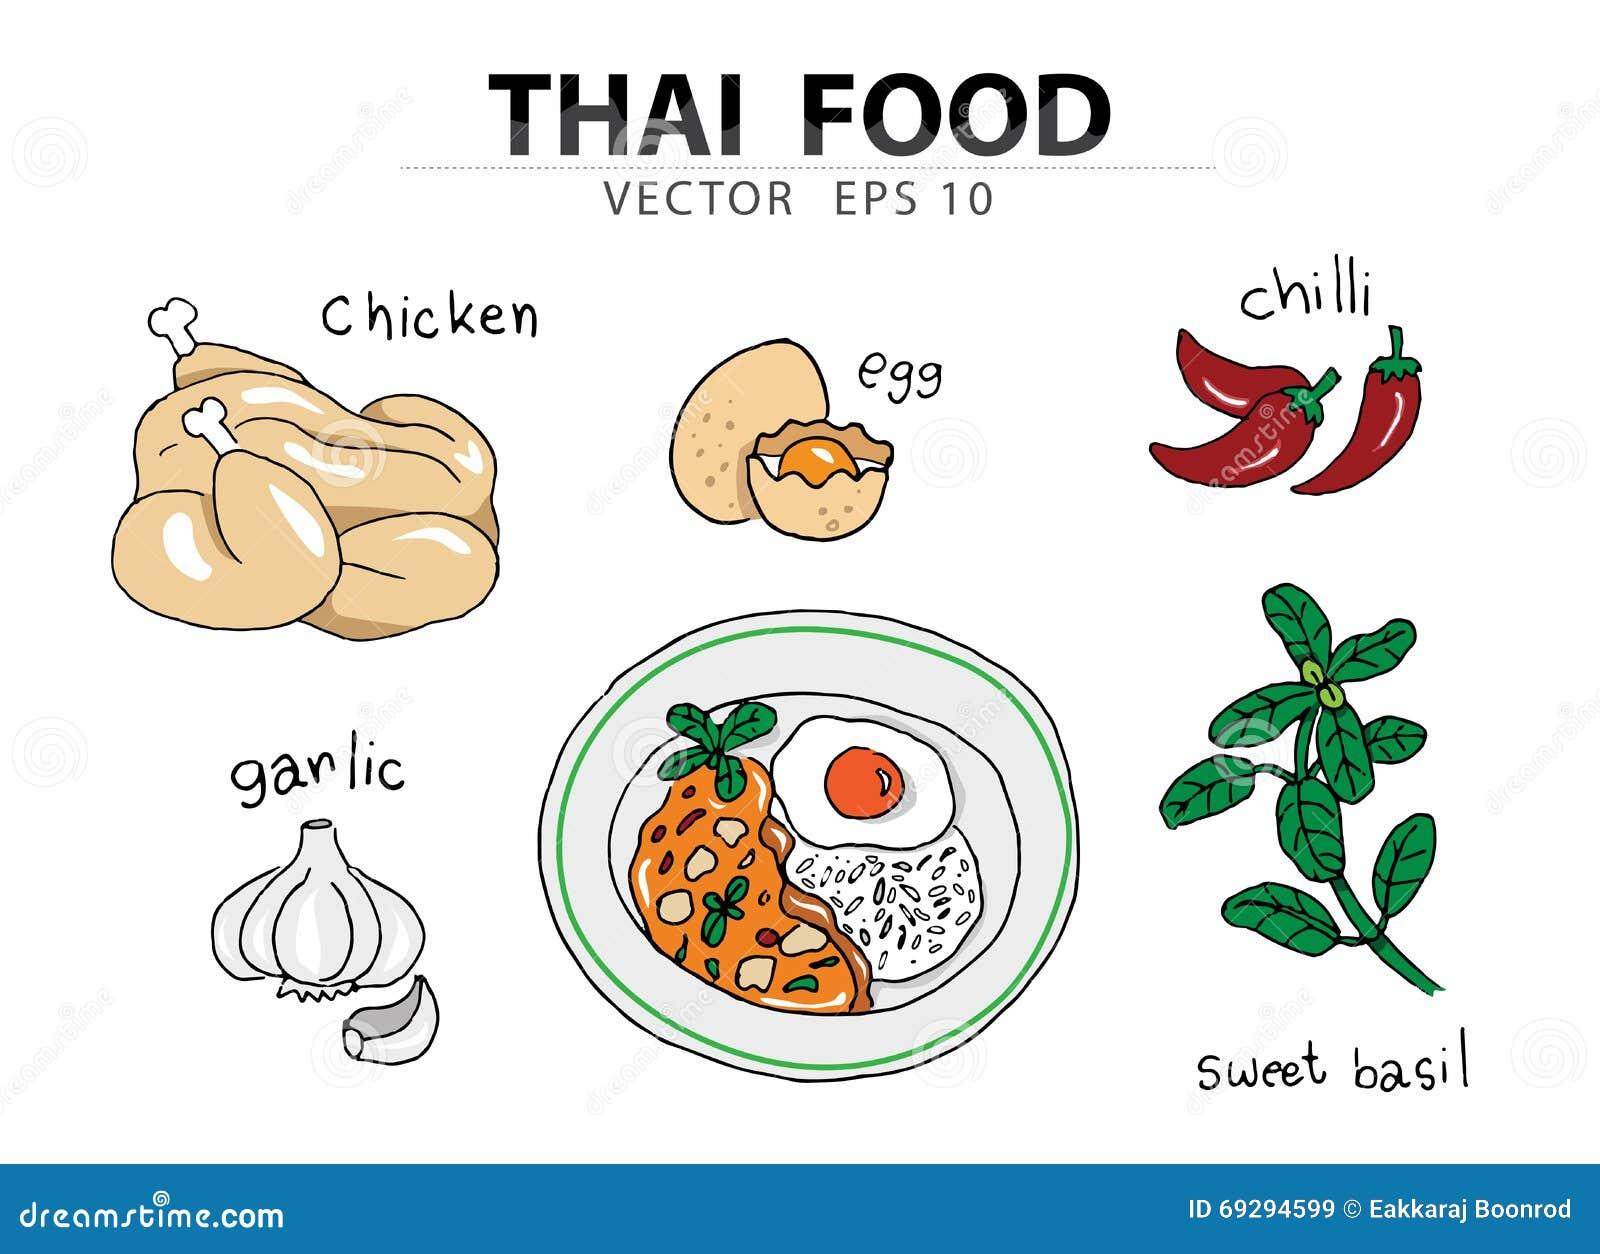 Famous Thai Food Menu